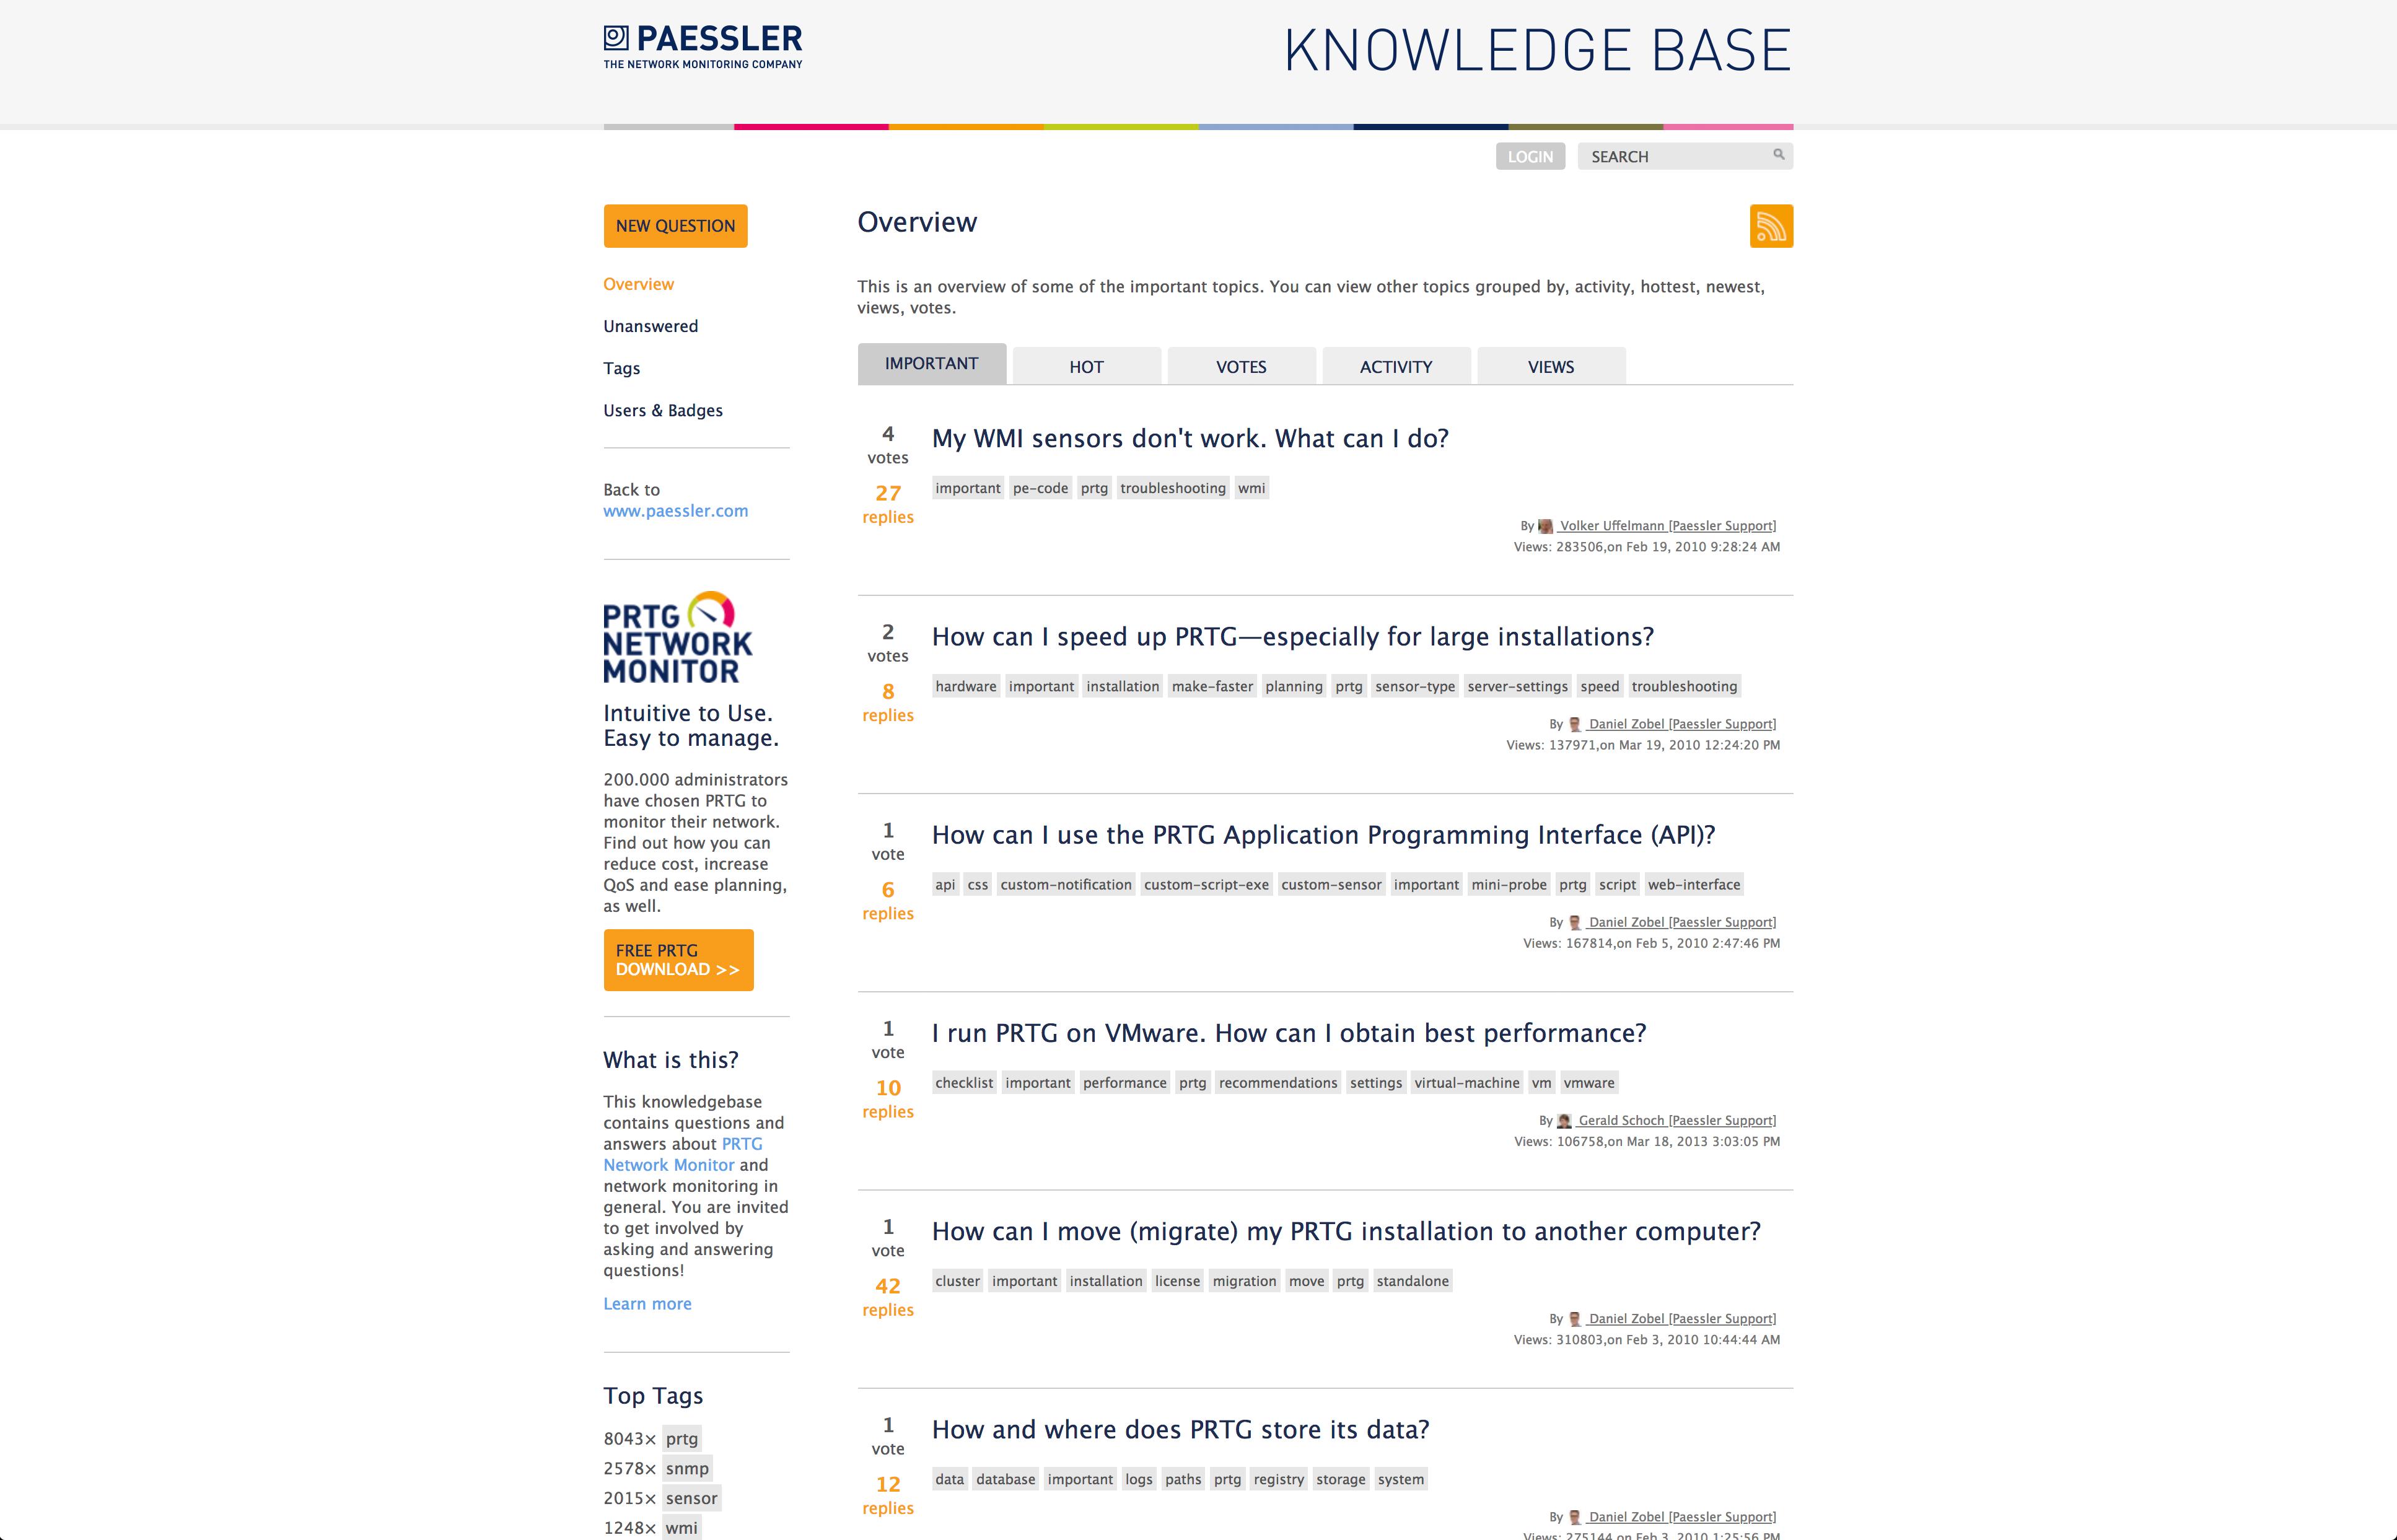 screenshot-knowledge-base